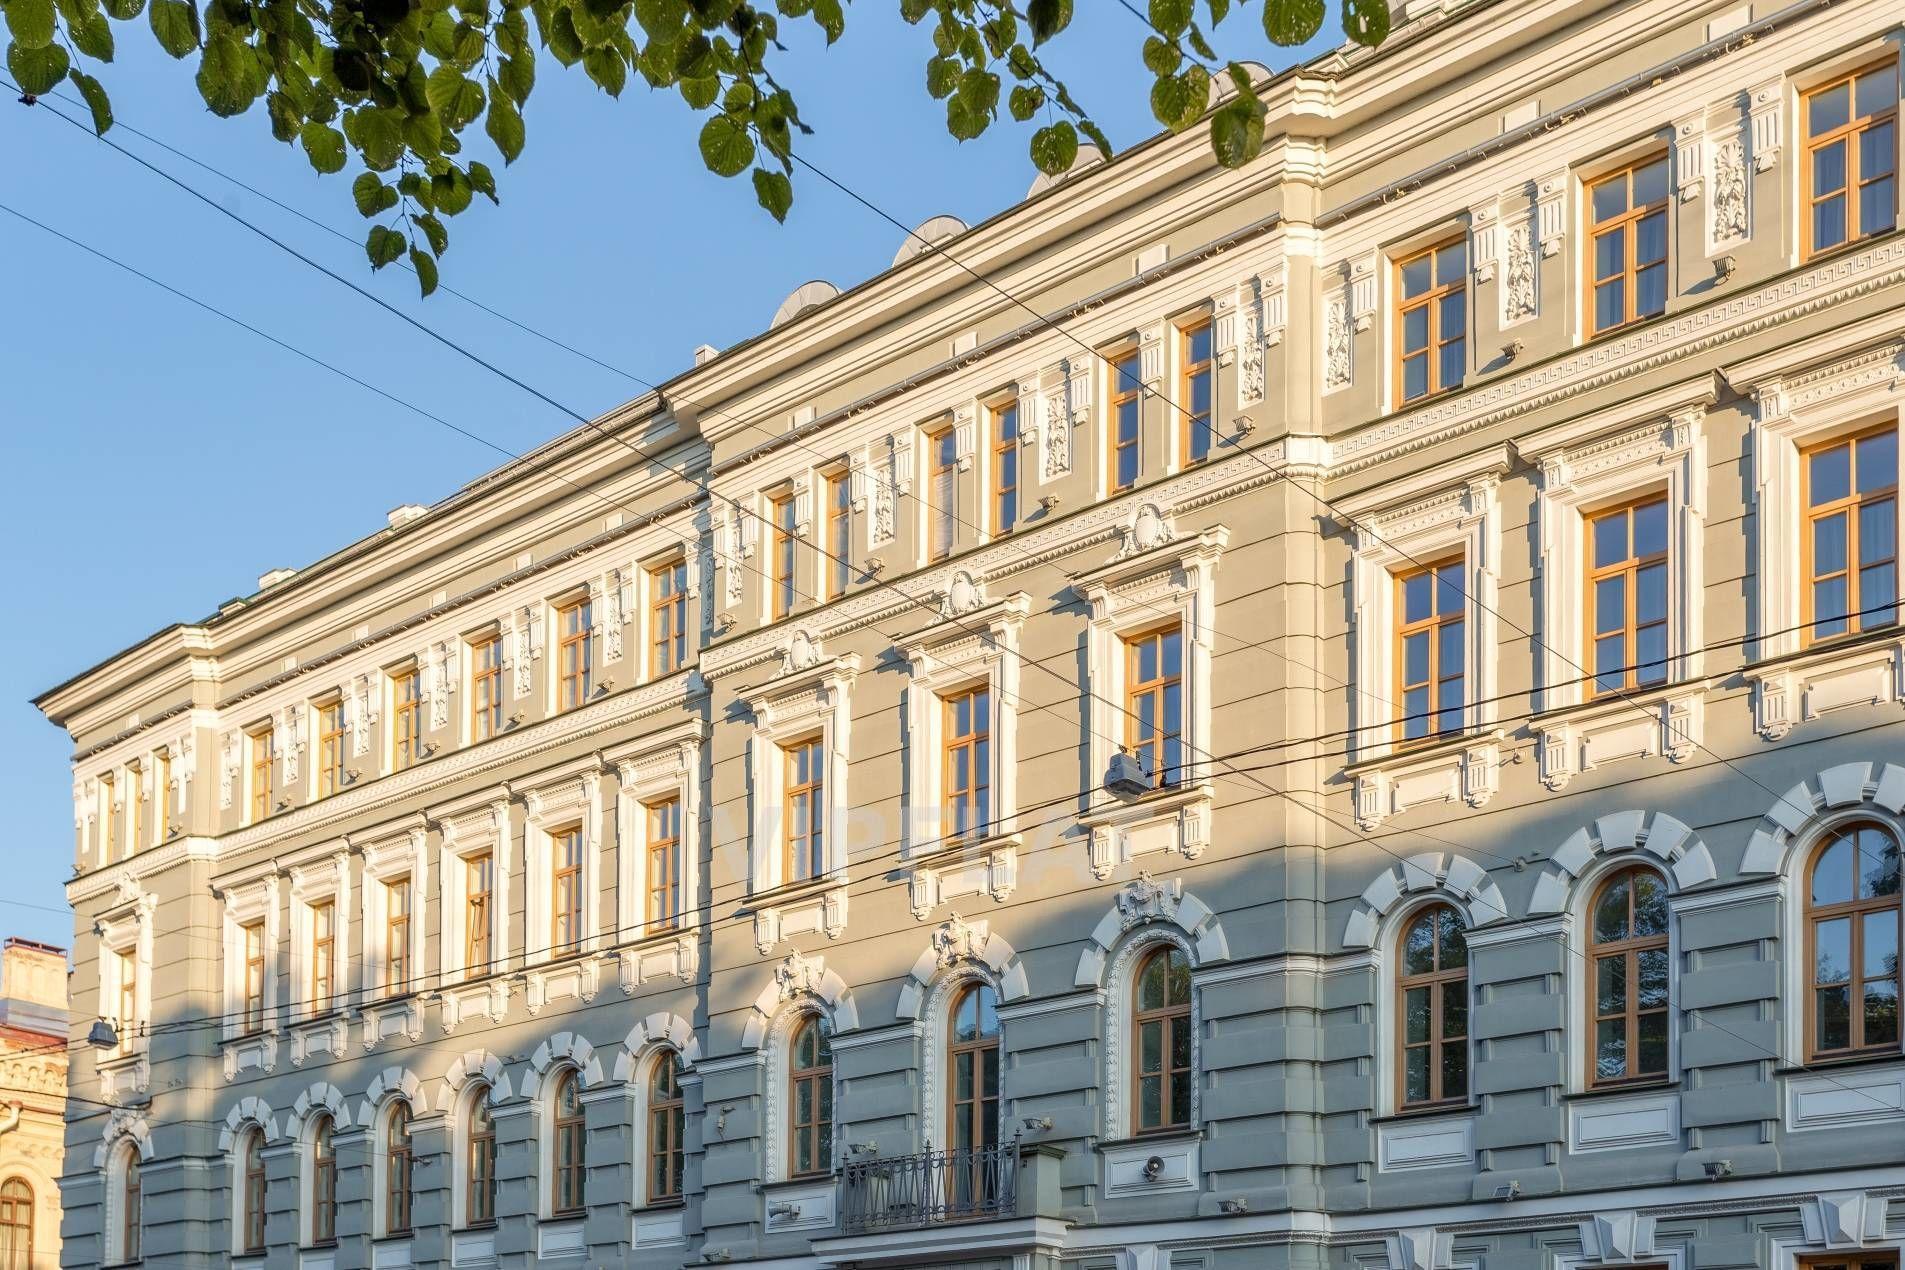 Продажа элитных квартир Санкт-Петербурга. Конногвардейский бул., 5 Фасад выполнен в классическом стиле